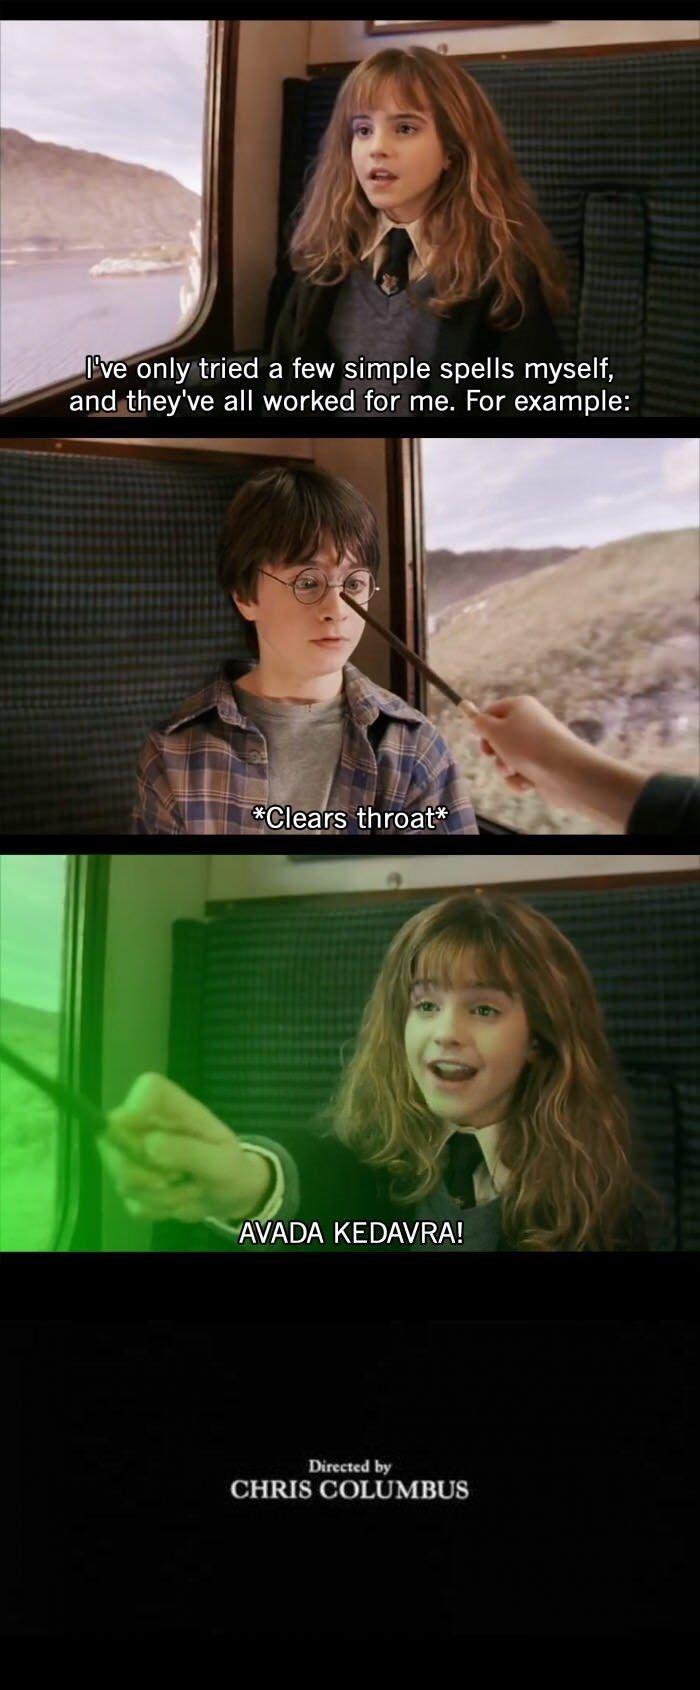 Harrypotter Harrypotterfan Harrypottermemes Harrypotterfunny Humor Memes Funnymemes Pinterest Harry Potter Humor Harry Potter Funny Morsomme Memer